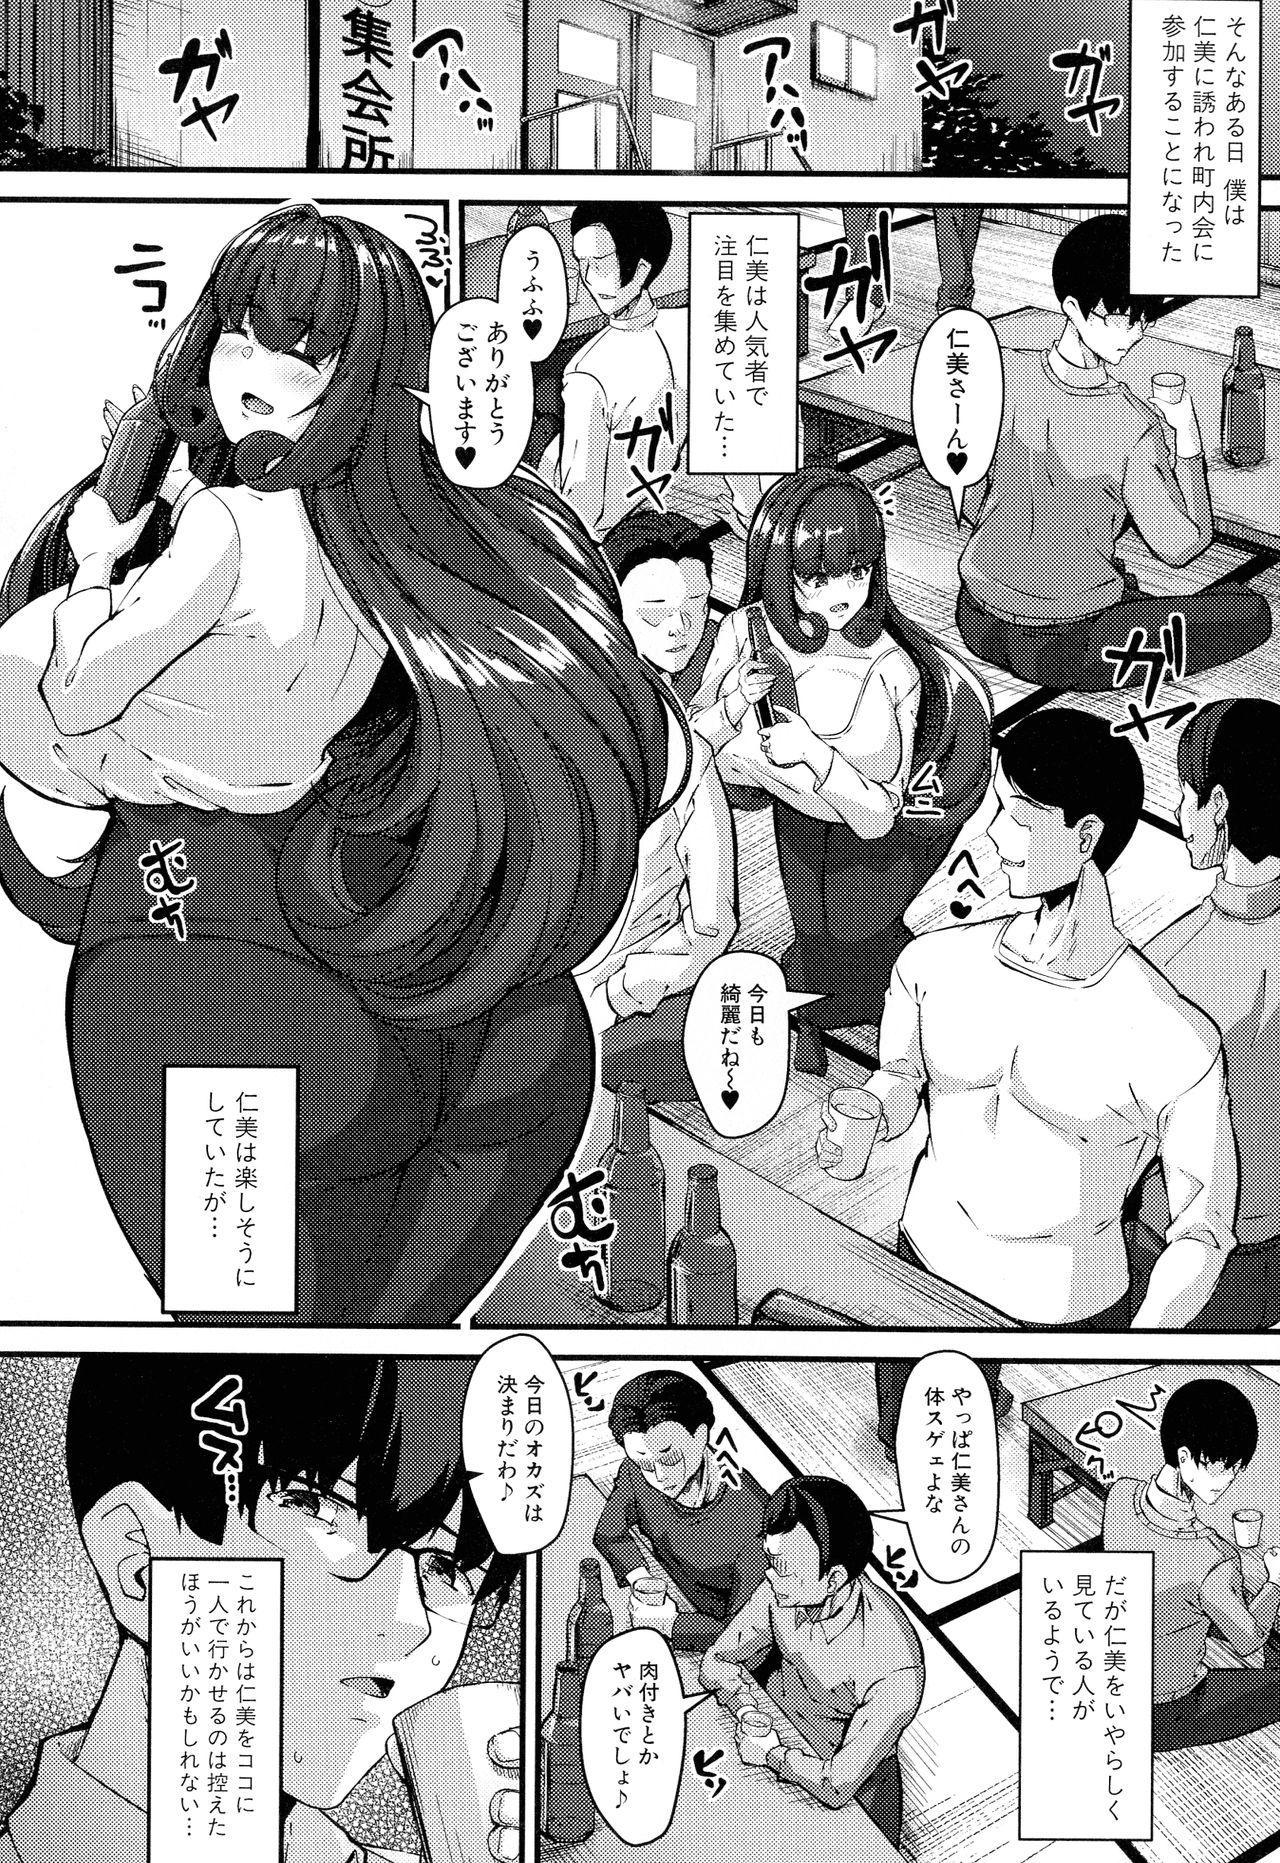 100% Maketa Watashi no Ana - Guchogucho ni Okashitekuru Aitsu no Kyokon 156